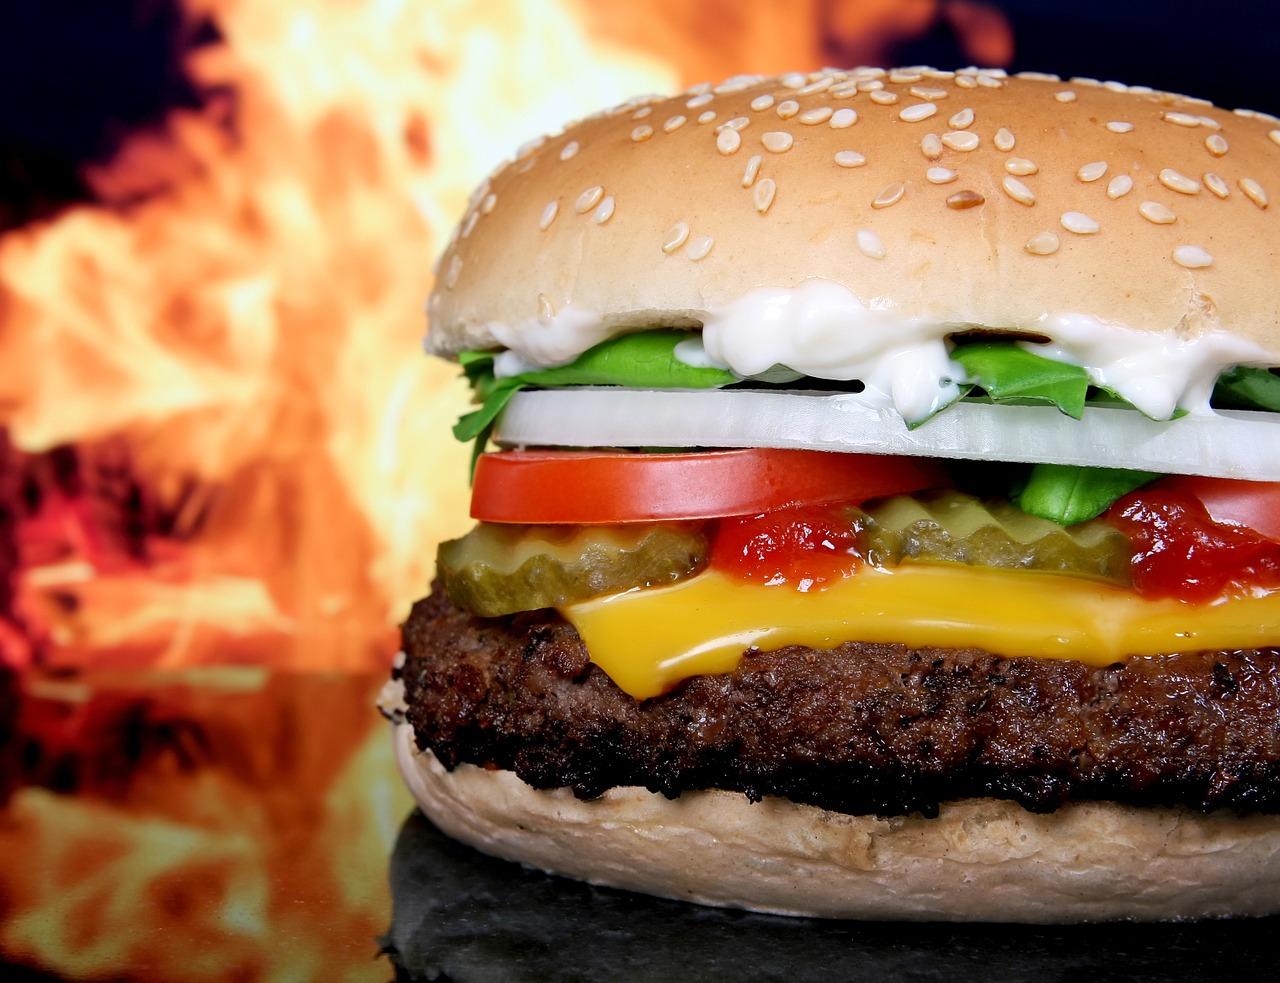 En direct sur internet, l'agonie d'un burger-frites périmé depuis dix ans